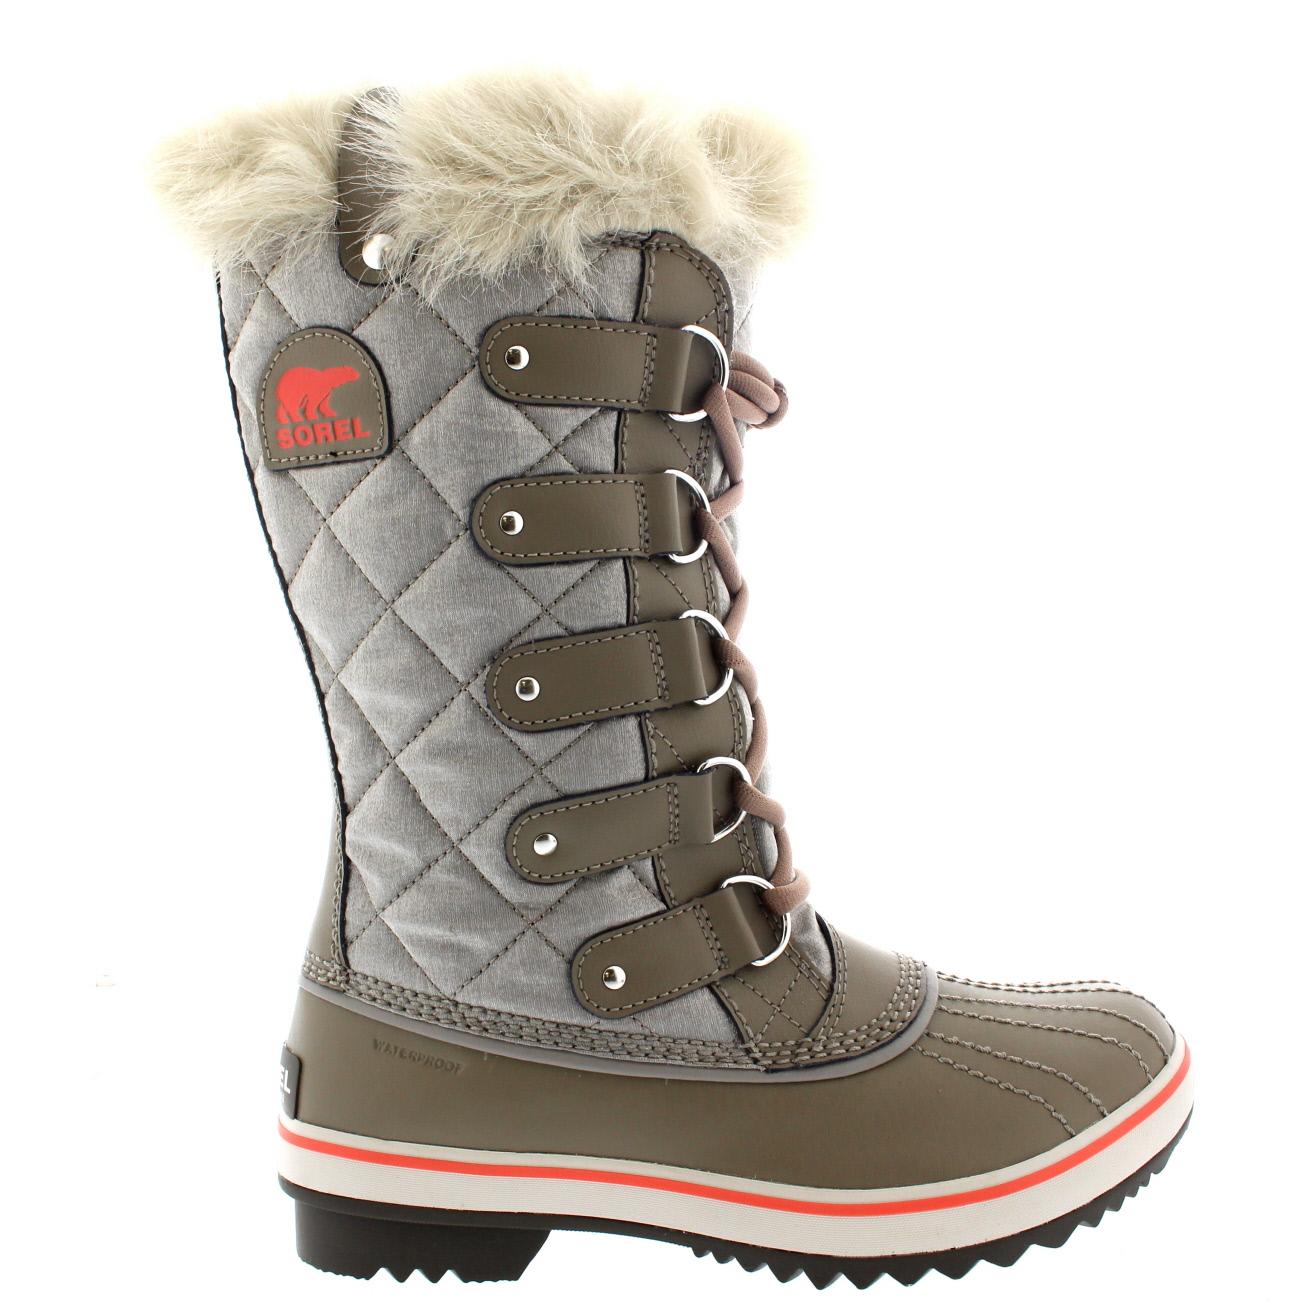 Ladies Sorel Tofino Organza Mid Calf Snow Laced Fur Rain ...